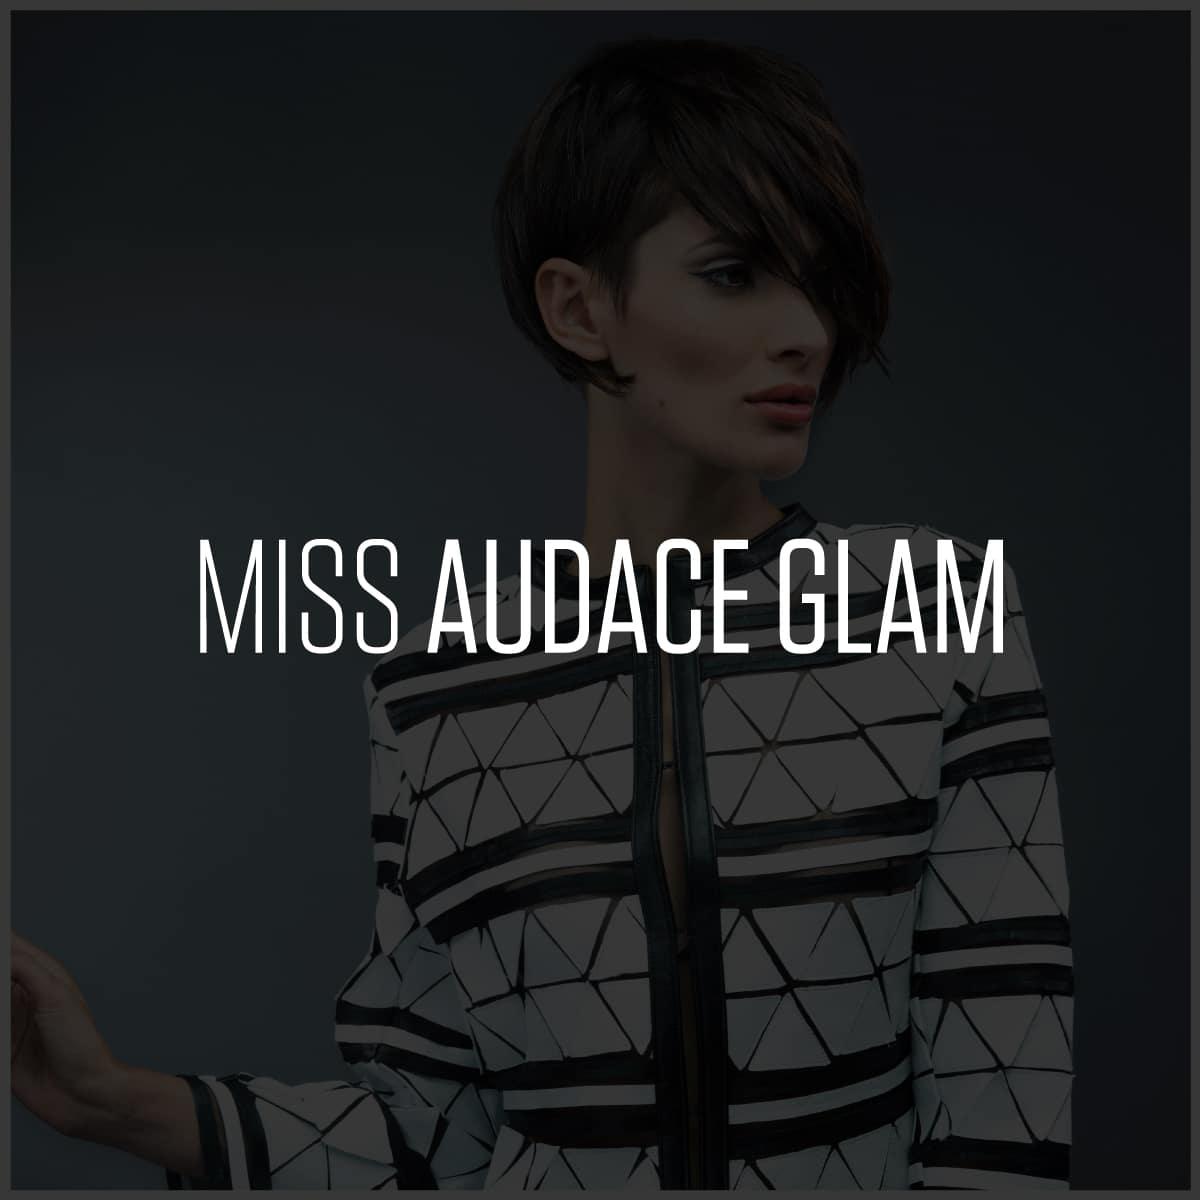 Miss Audace Glam | Compagnia Della Bellezza | Collezione Miss l'era del coraggio | 2015